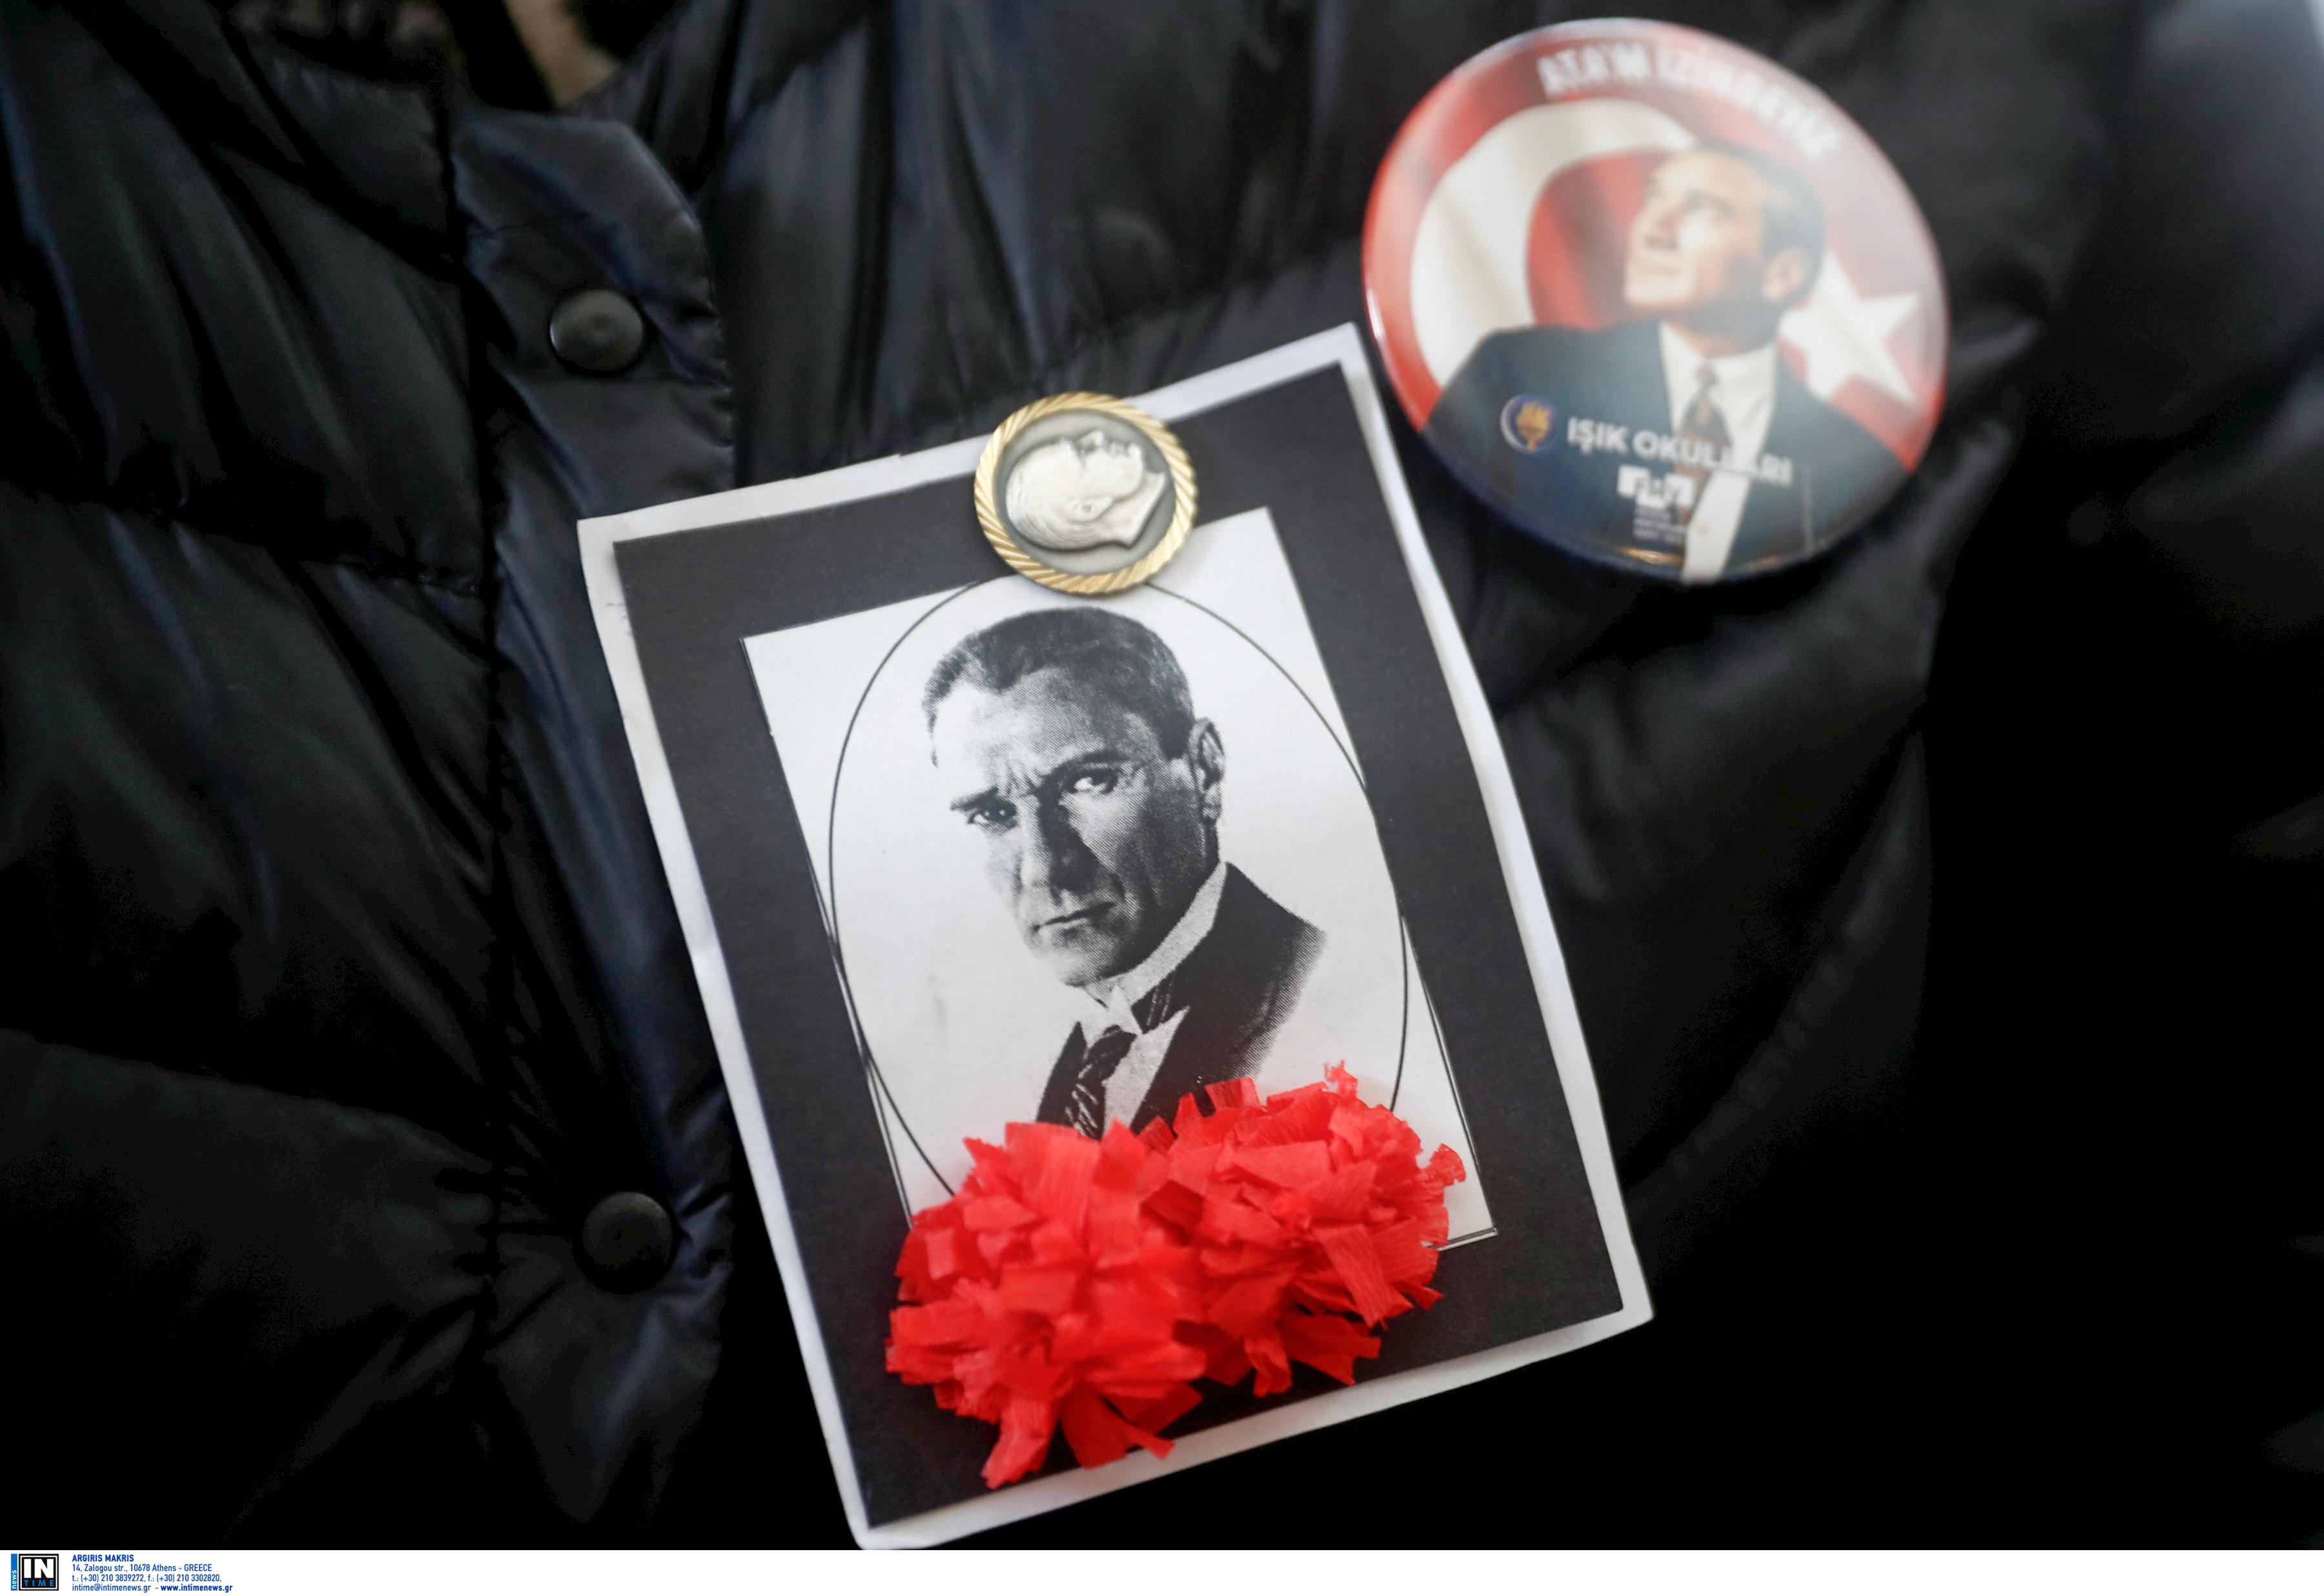 Κρέμασαν στον Ατατούρκ πλακάτ που έγραφε «Είμαι ένοχος για εγκλήματα κατά της ανθρωπότητας» (pic)